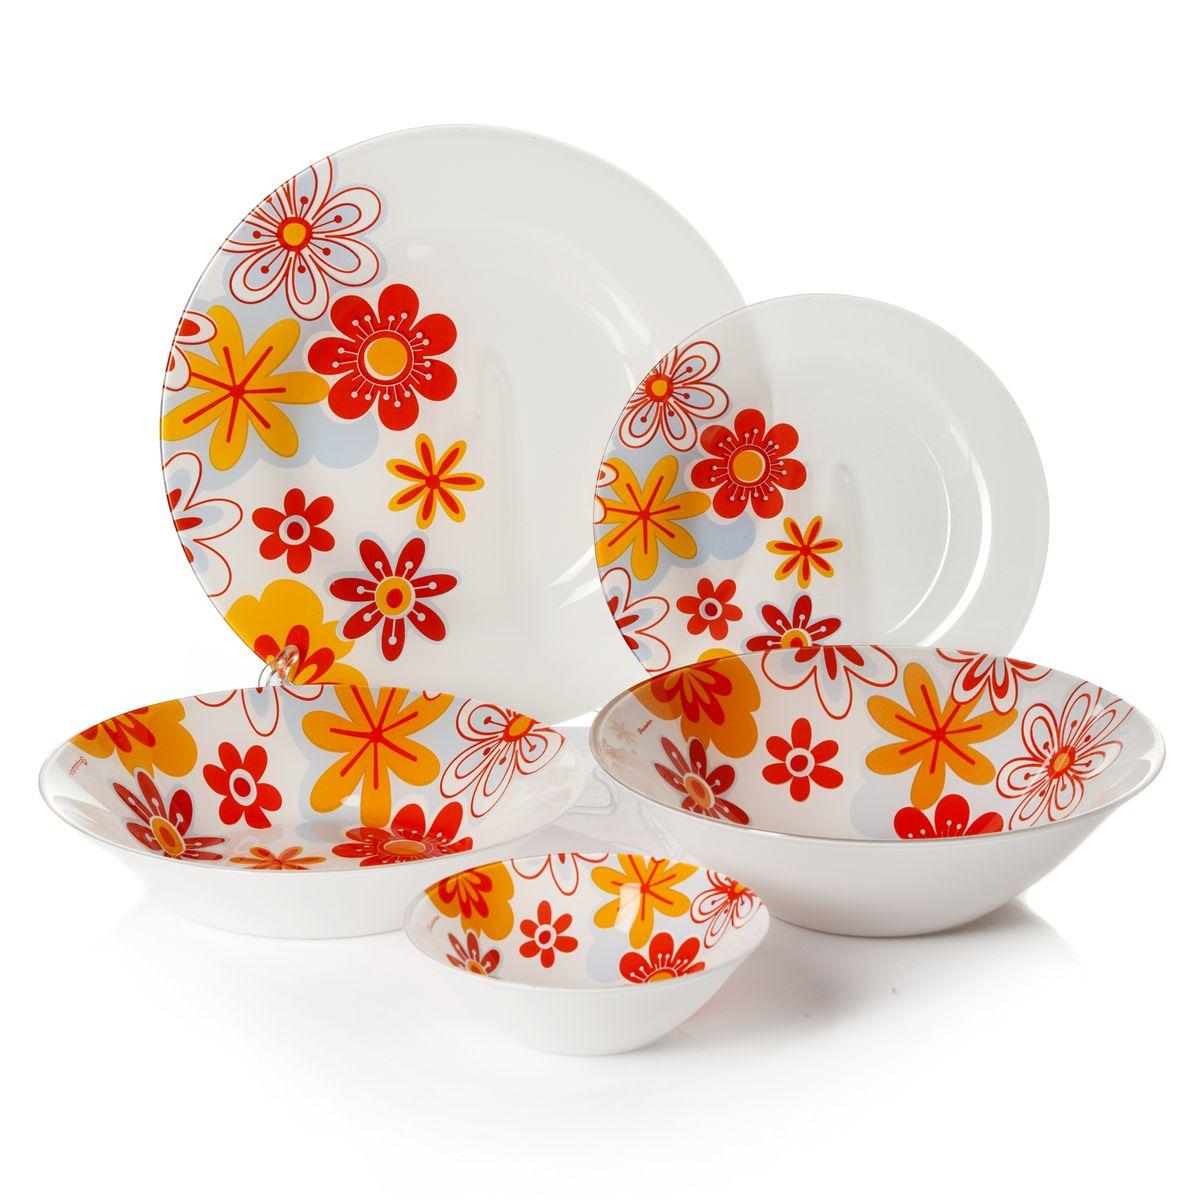 Набор посуды Pasabahce Workshop Summer, цвет: белый, оранжевый, голубой, 25 предметов95665BDНабор посуды Pasabahce Summer изготовлен из натрий-кальций-силикатного стекла. Предметы набора оформлены изящным цветочным рисунком. В набор входят: 6 тарелок диаметром 19,5 см, 6 тарелок диаметром 26 см, 6 тарелок диаметром 22 см, 6 салатников диаметром 14 см, салатник диаметром 23 см. Набор создаст отличное настроение во время обеда, будет уместен на любой кухне и понравится каждой хозяйке. Практичный и современный дизайн делает набор довольно простым и удобным в эксплуатации. Изделия можно мыть в посудомоечной машине.Количество тарелок: 18 шт.Диаметры тарелок: 19,5 см (6 шт), 22 см (6 шт), 26 см (6 шт).Высота стенок тарелок: 1,5 см, 4,5 см, 2 см.Количество салатников: 7 шт.Диаметры салатников: 14 см (6 шт), 23 см (1 шт). Высота стенок салатников: 4,5 см, 6,5 см.